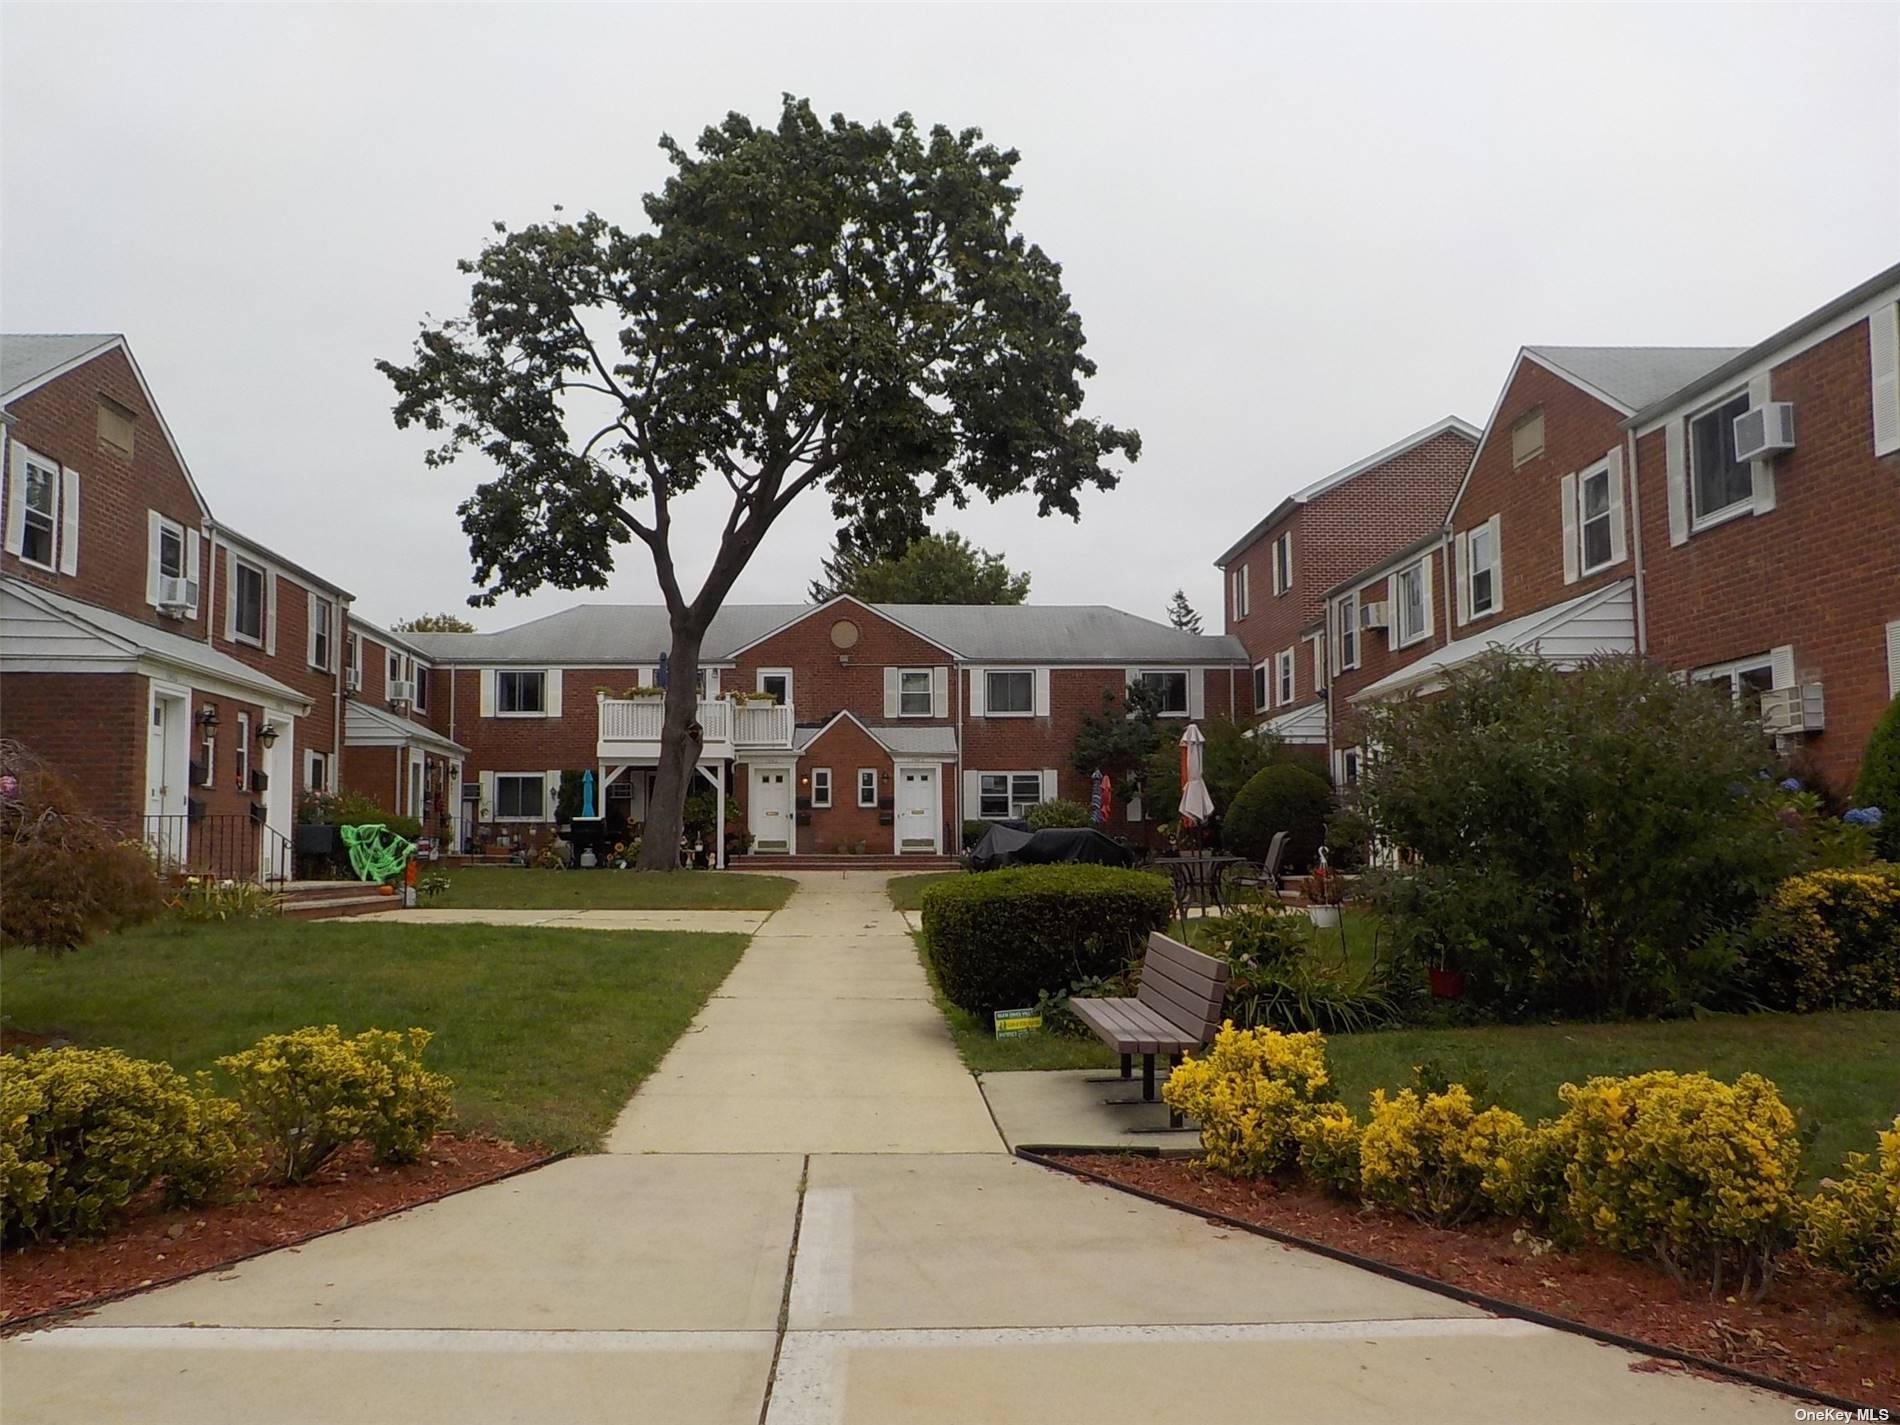 73-29 260th Street, Glen Oaks, New York11004 | Residential For Sale